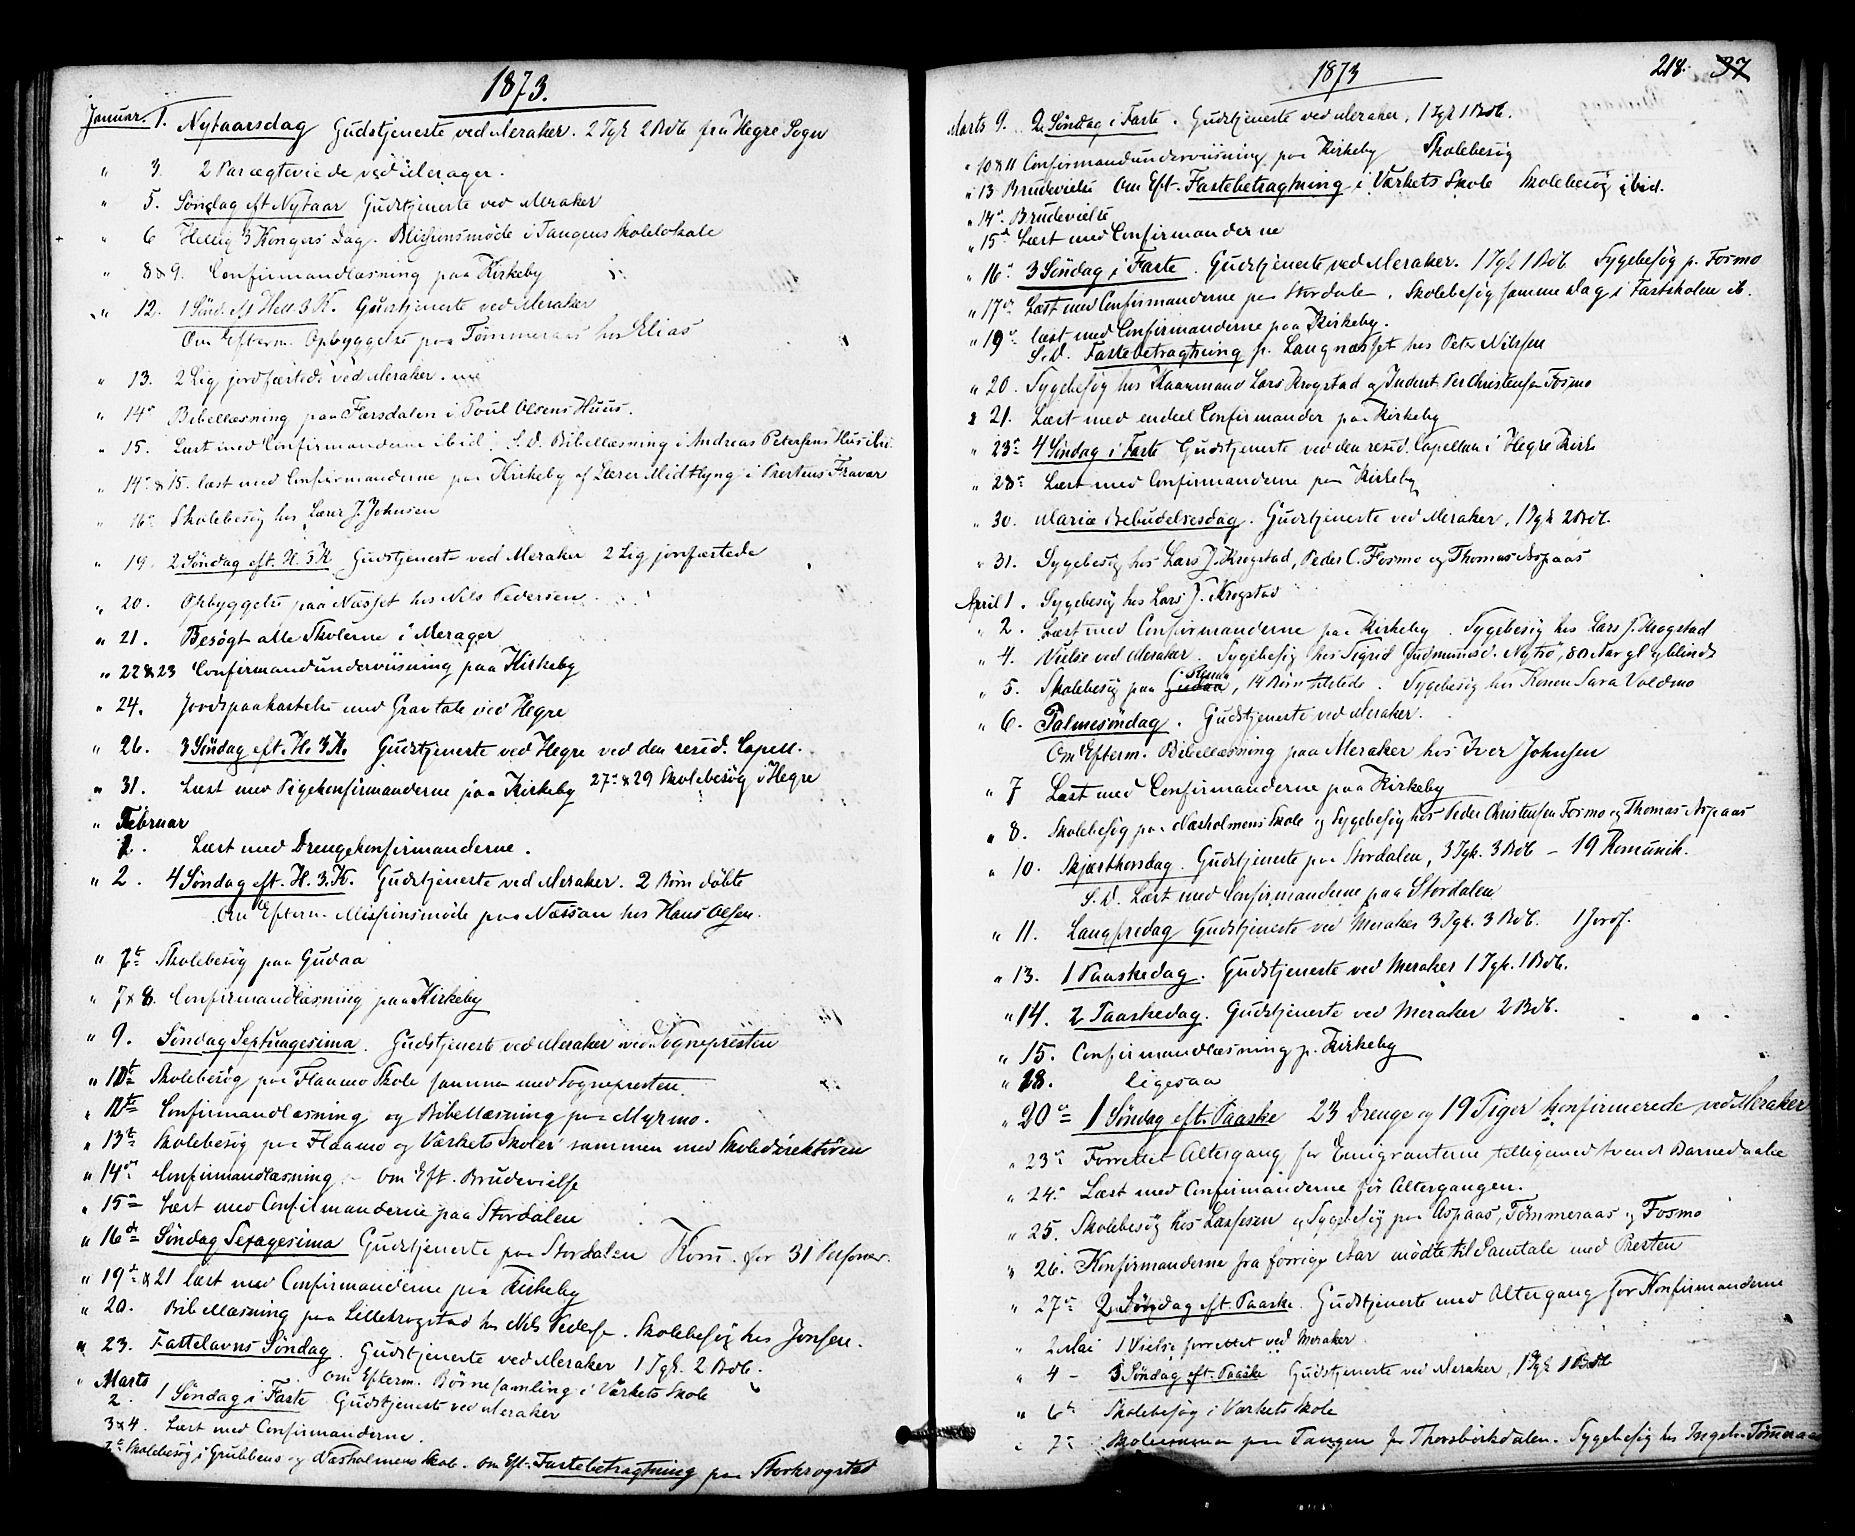 SAT, Ministerialprotokoller, klokkerbøker og fødselsregistre - Nord-Trøndelag, 706/L0041: Ministerialbok nr. 706A02, 1862-1877, s. 218